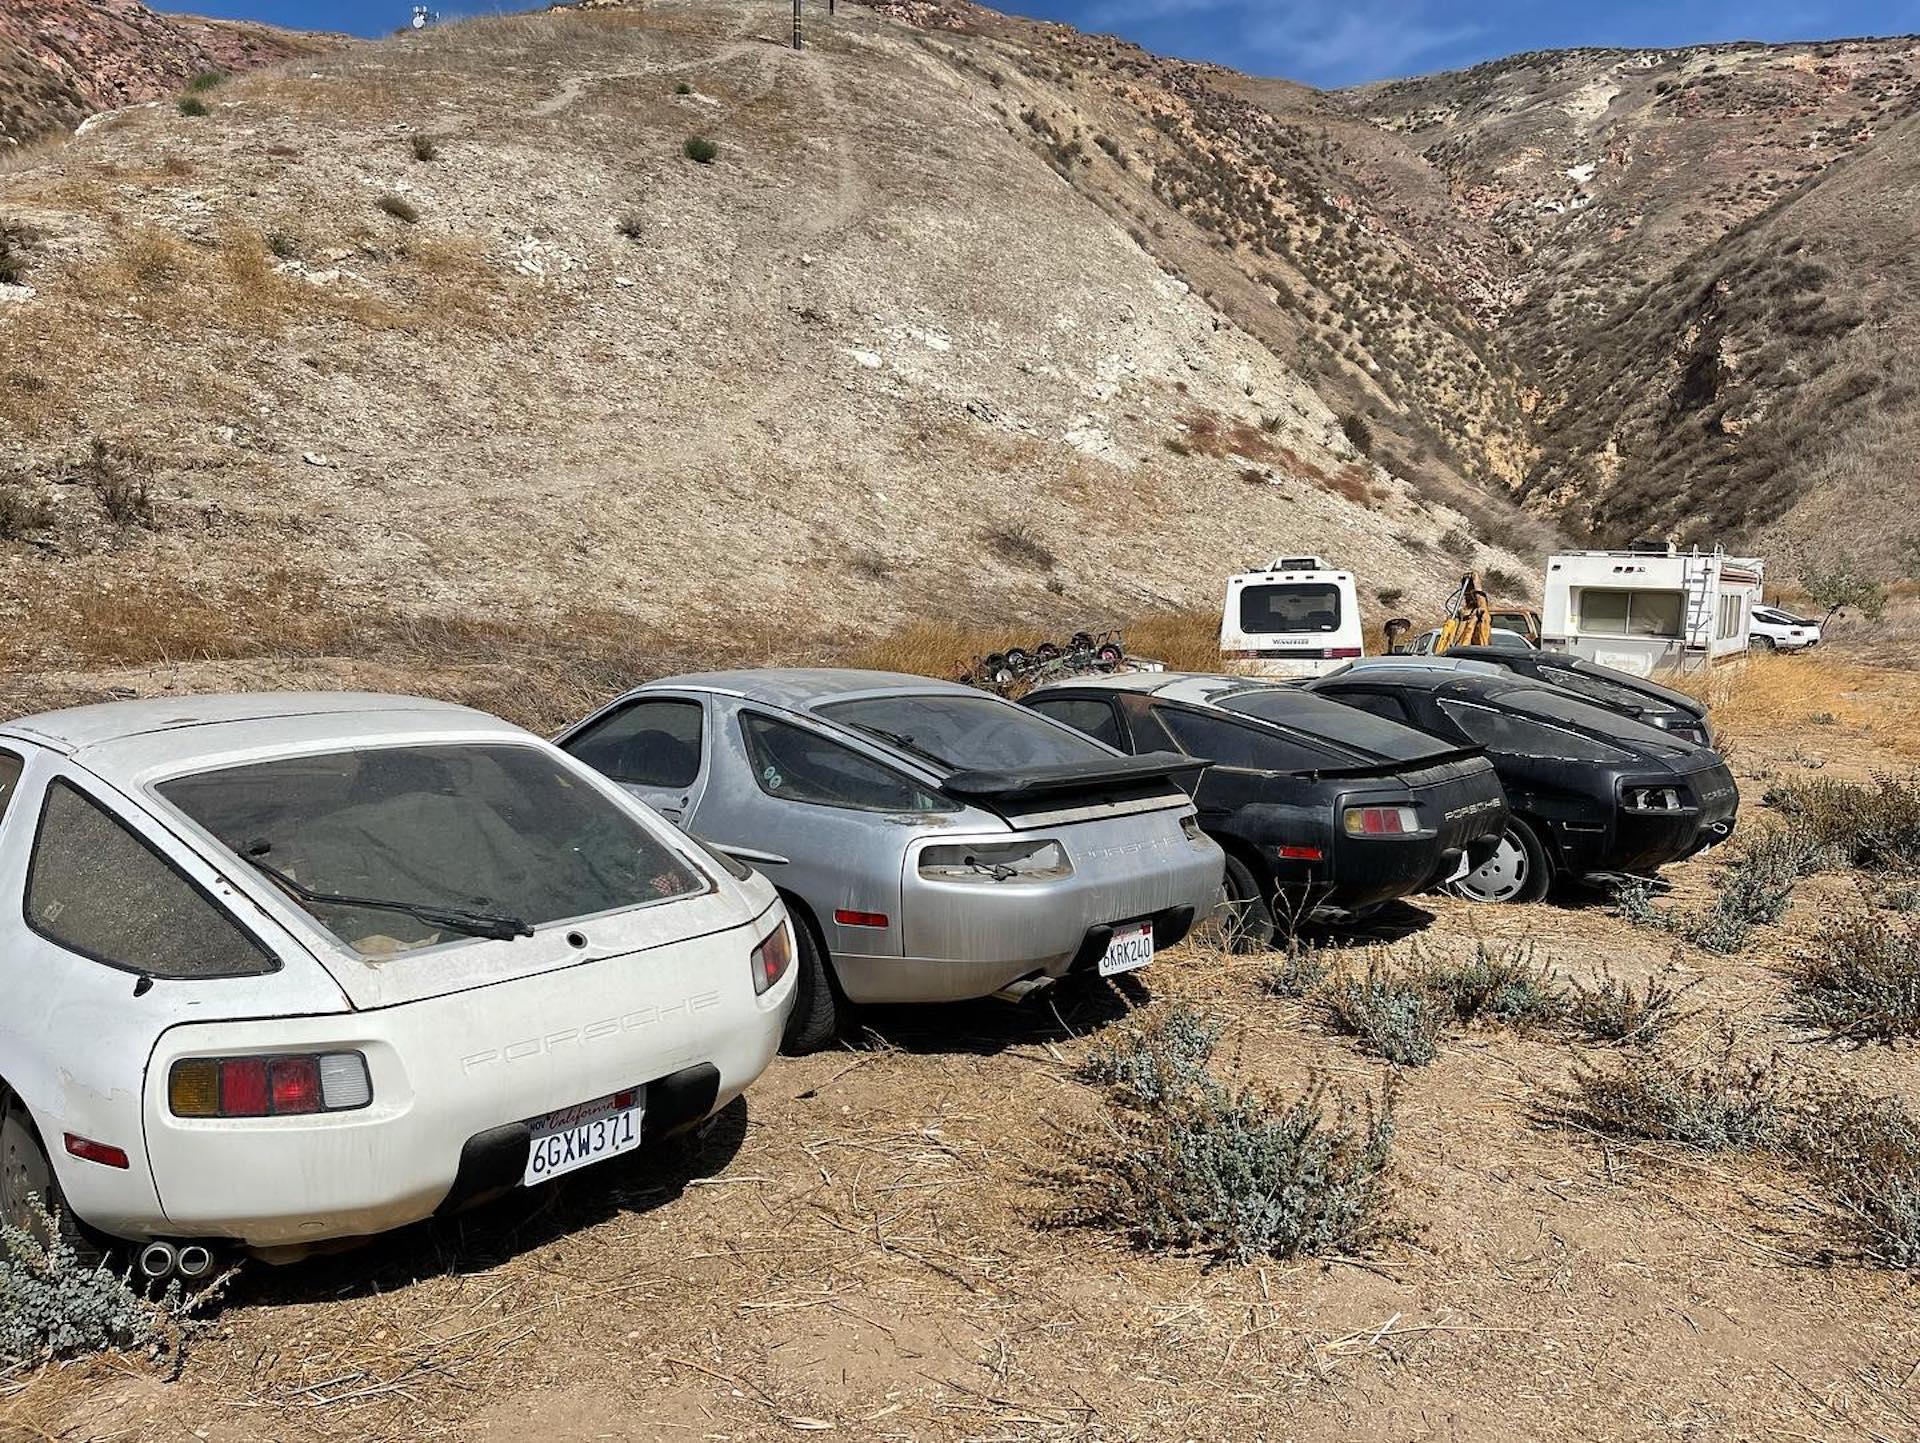 زمینی با 13 «پورشه 928» متروکه در کالیفرنیا کشف شد!